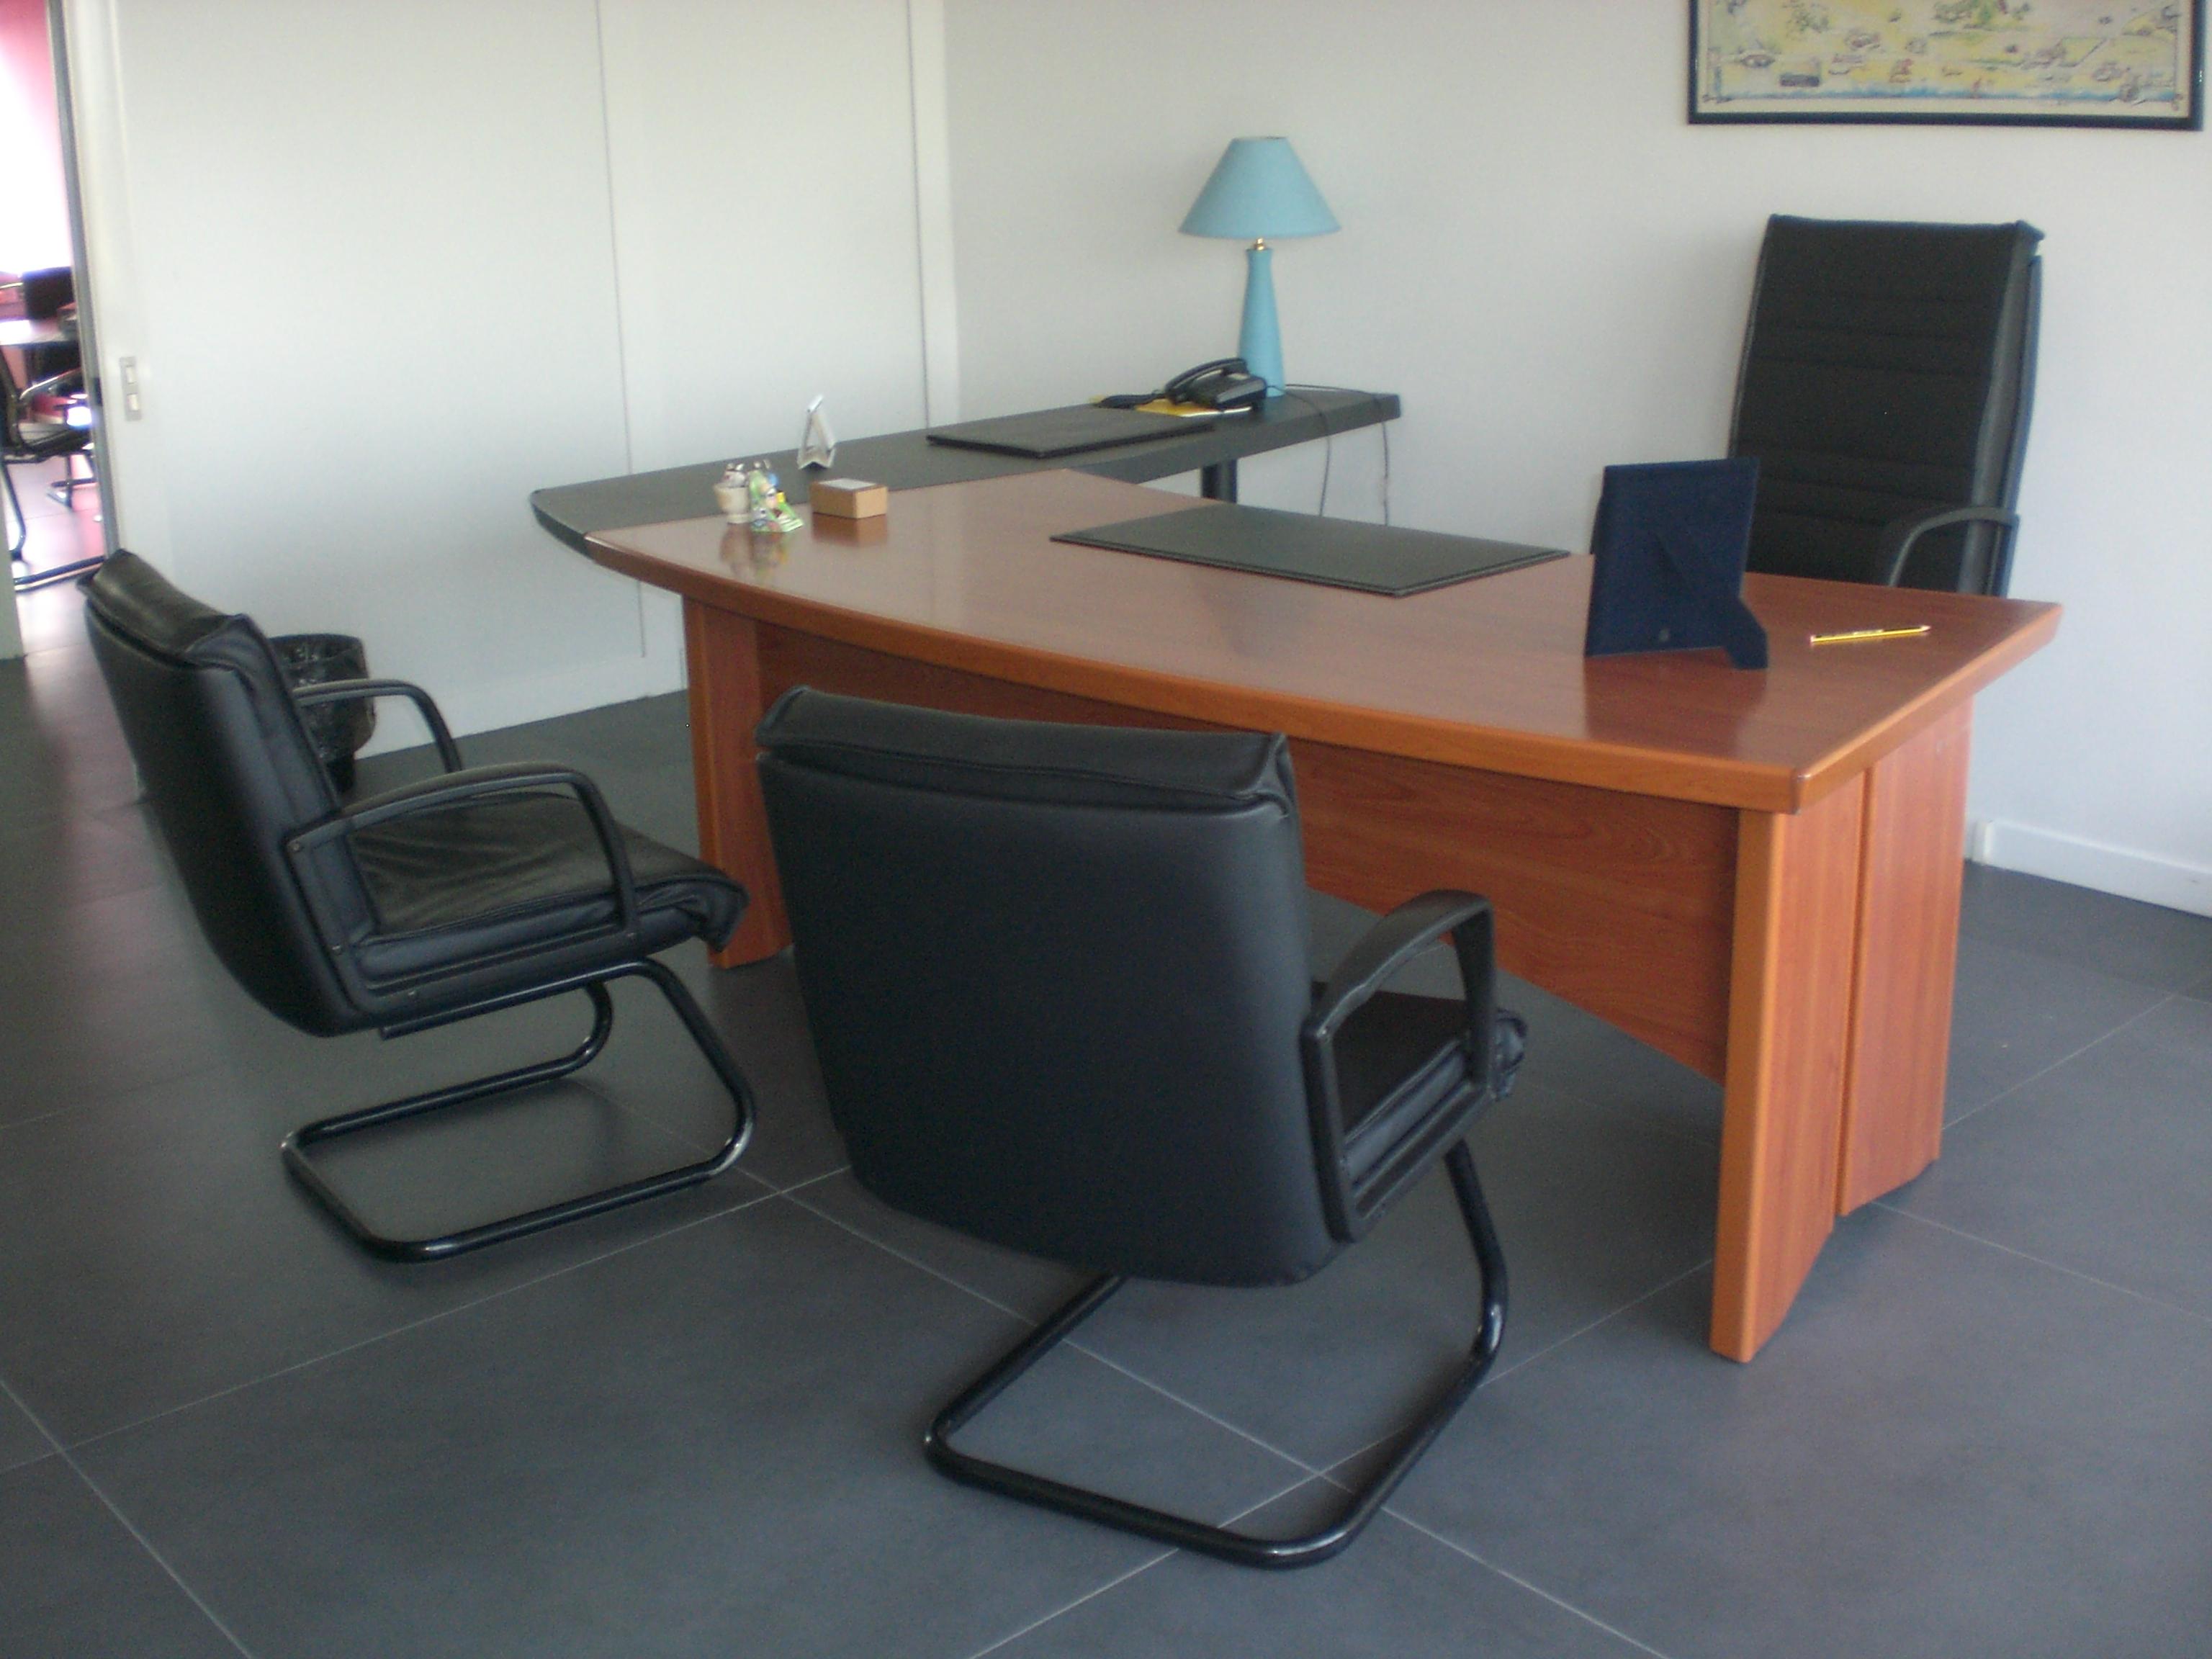 Affitto ufficio roma roma italia viale luigi for Cerco ufficio a roma